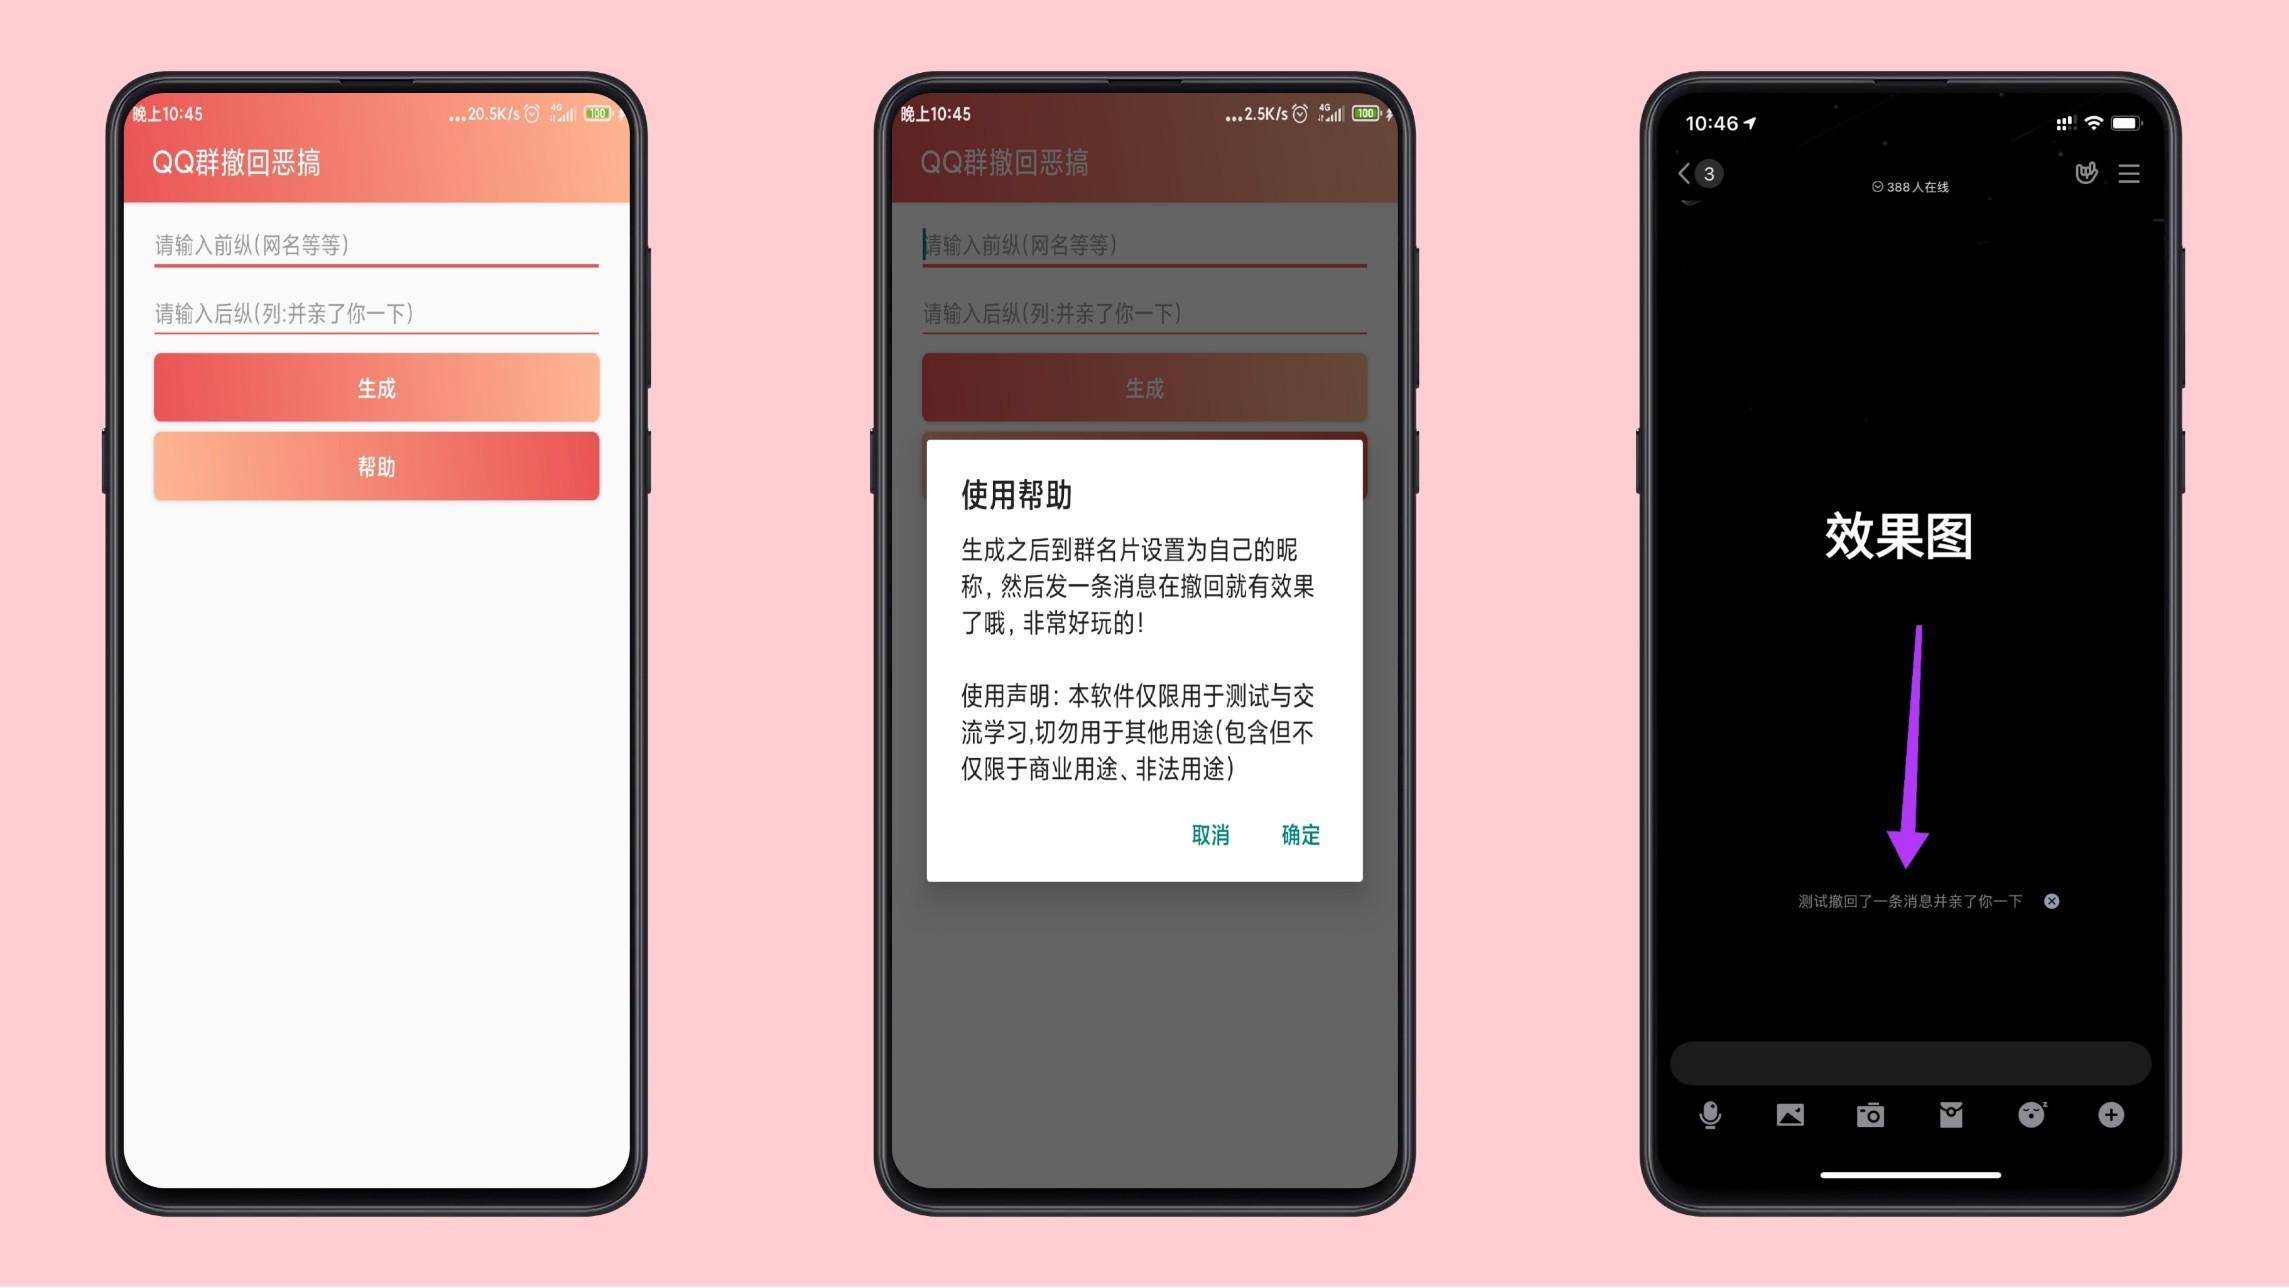 QQ群撤回安卓恶搞生成器,20200331004756625662.jpg,第1张